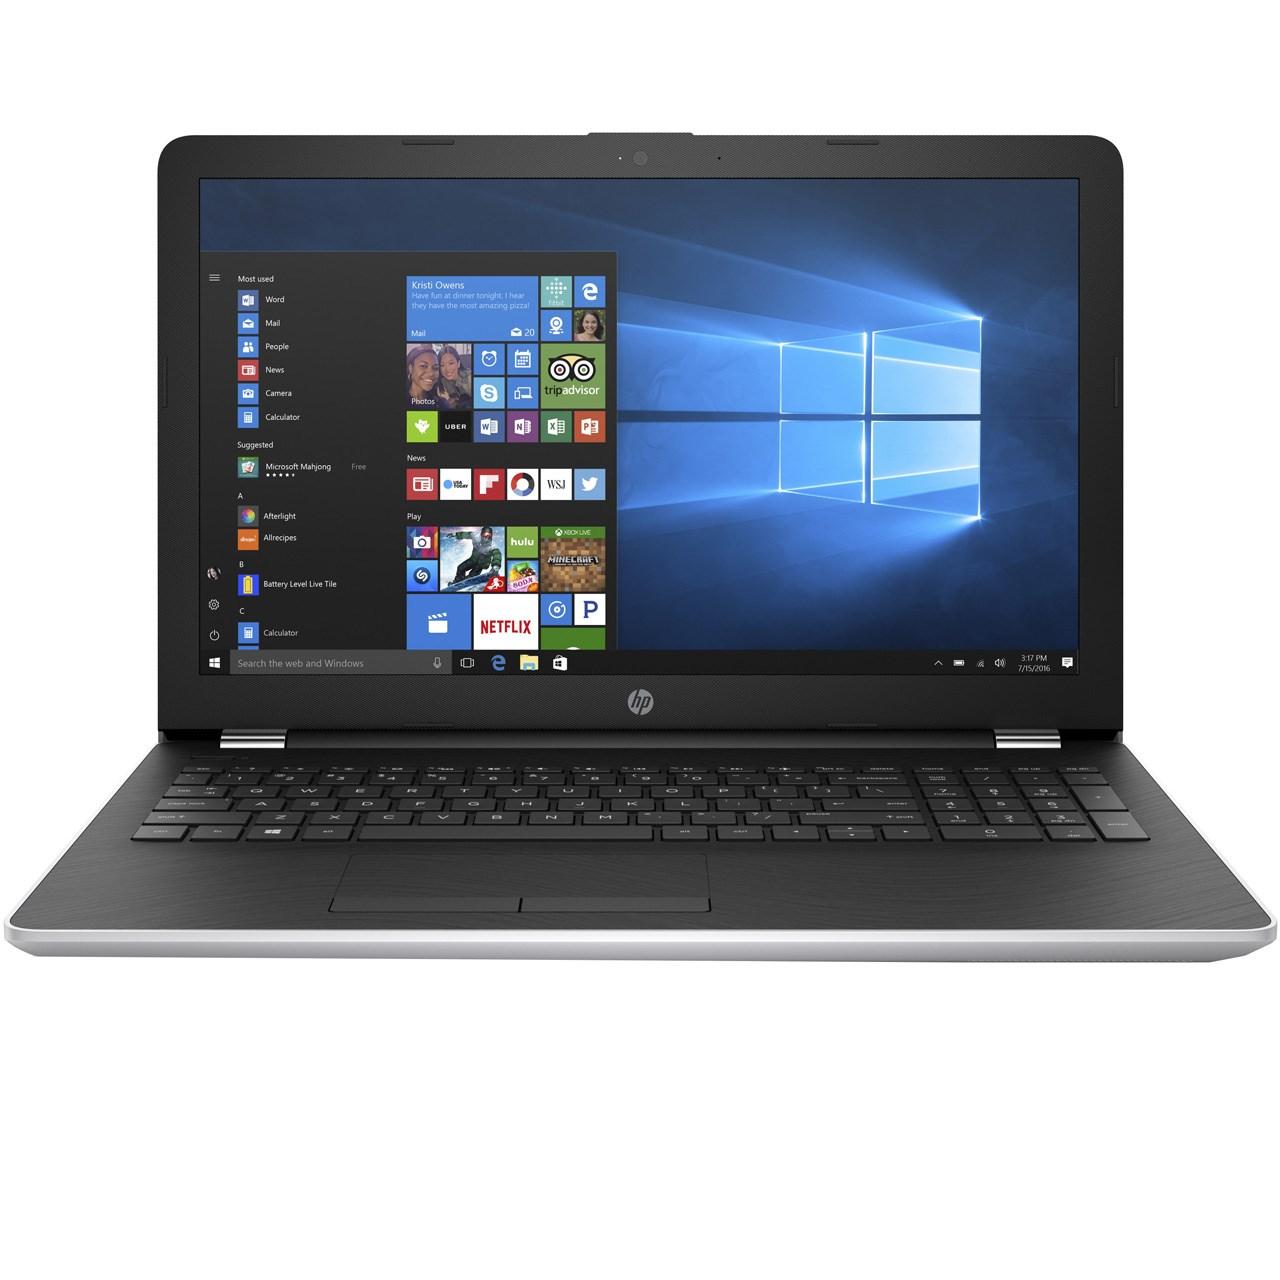 قیمت لپ تاپ 15 اینچی اچ پی مدل 15-bs089nia